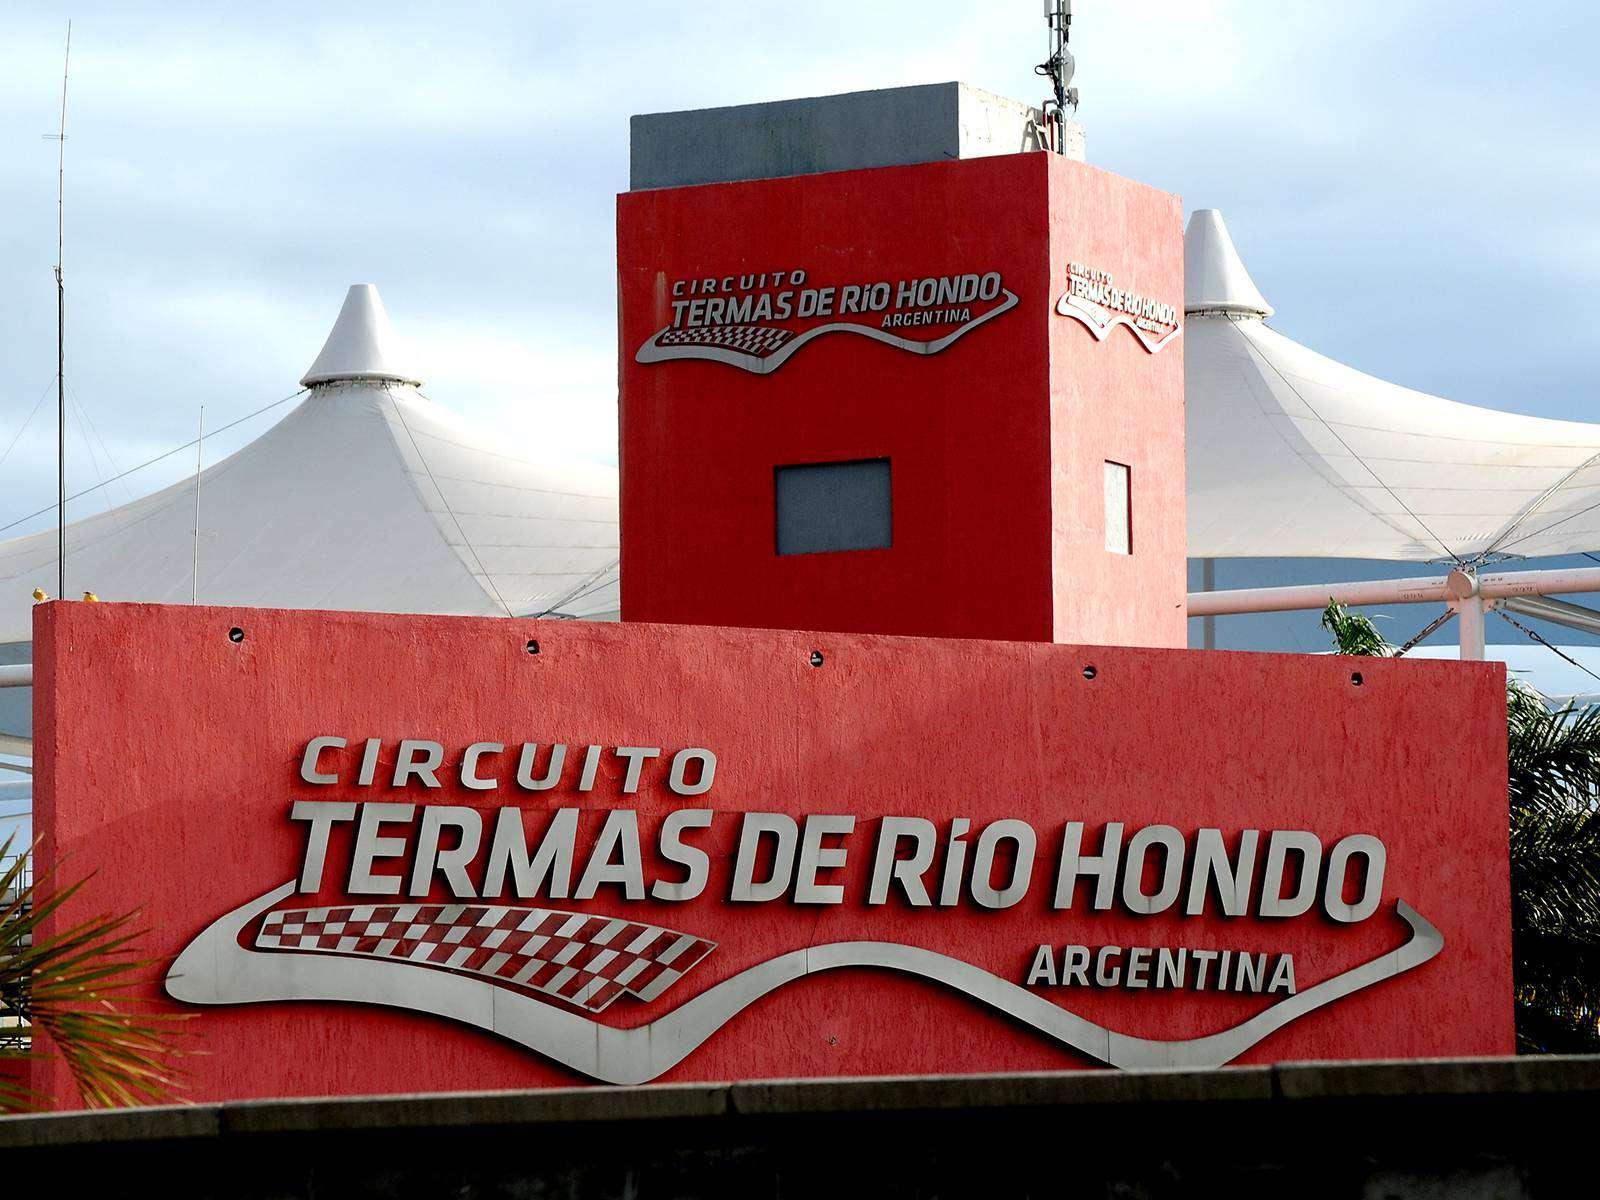 Compr� en Mercado Libre tus entradas para Termas de R�o Hondo